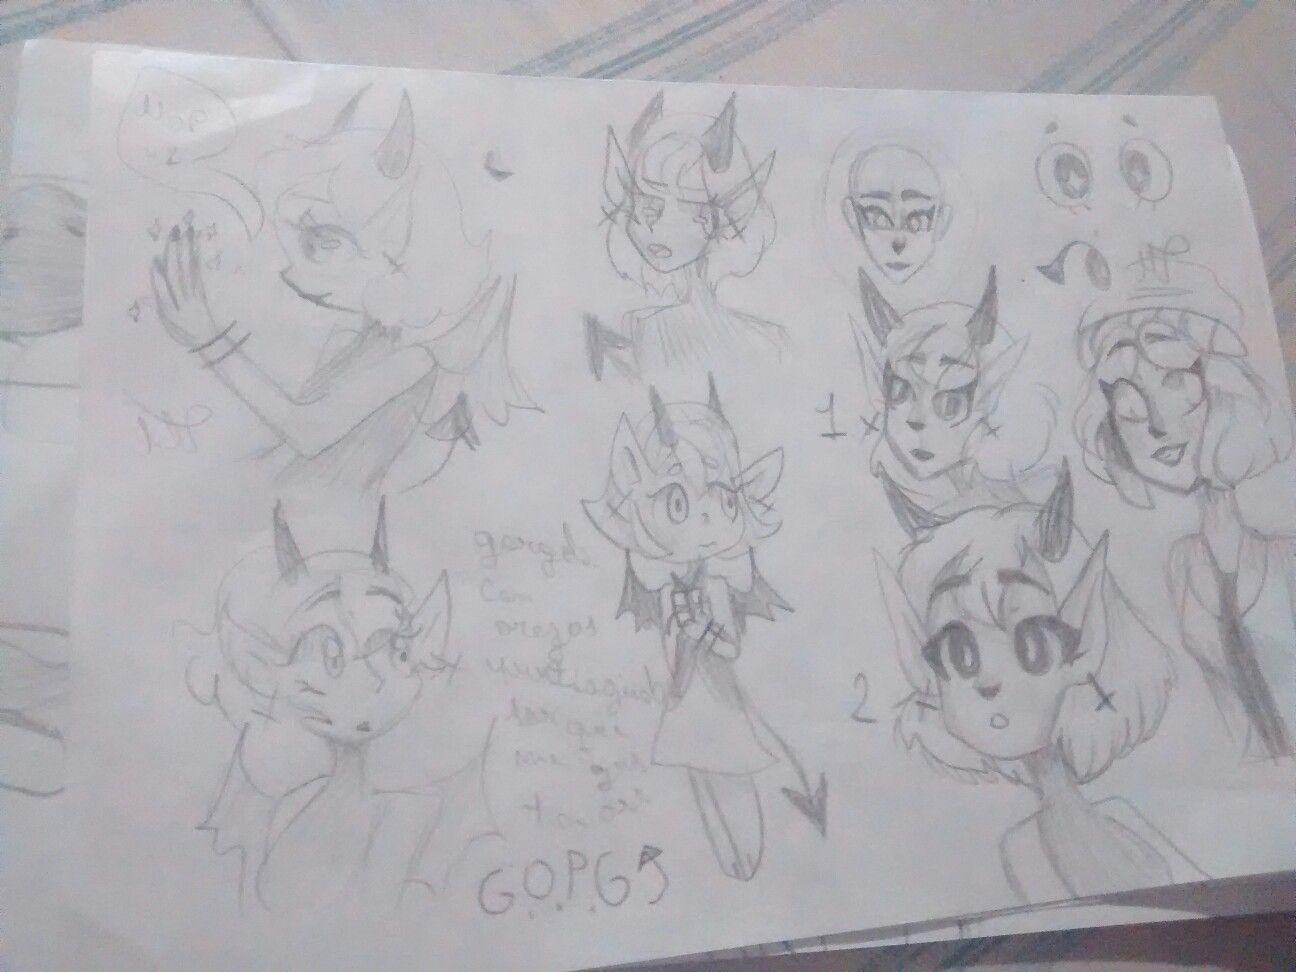 Ya Encontre Mi Estilo De Dibujo In 2020